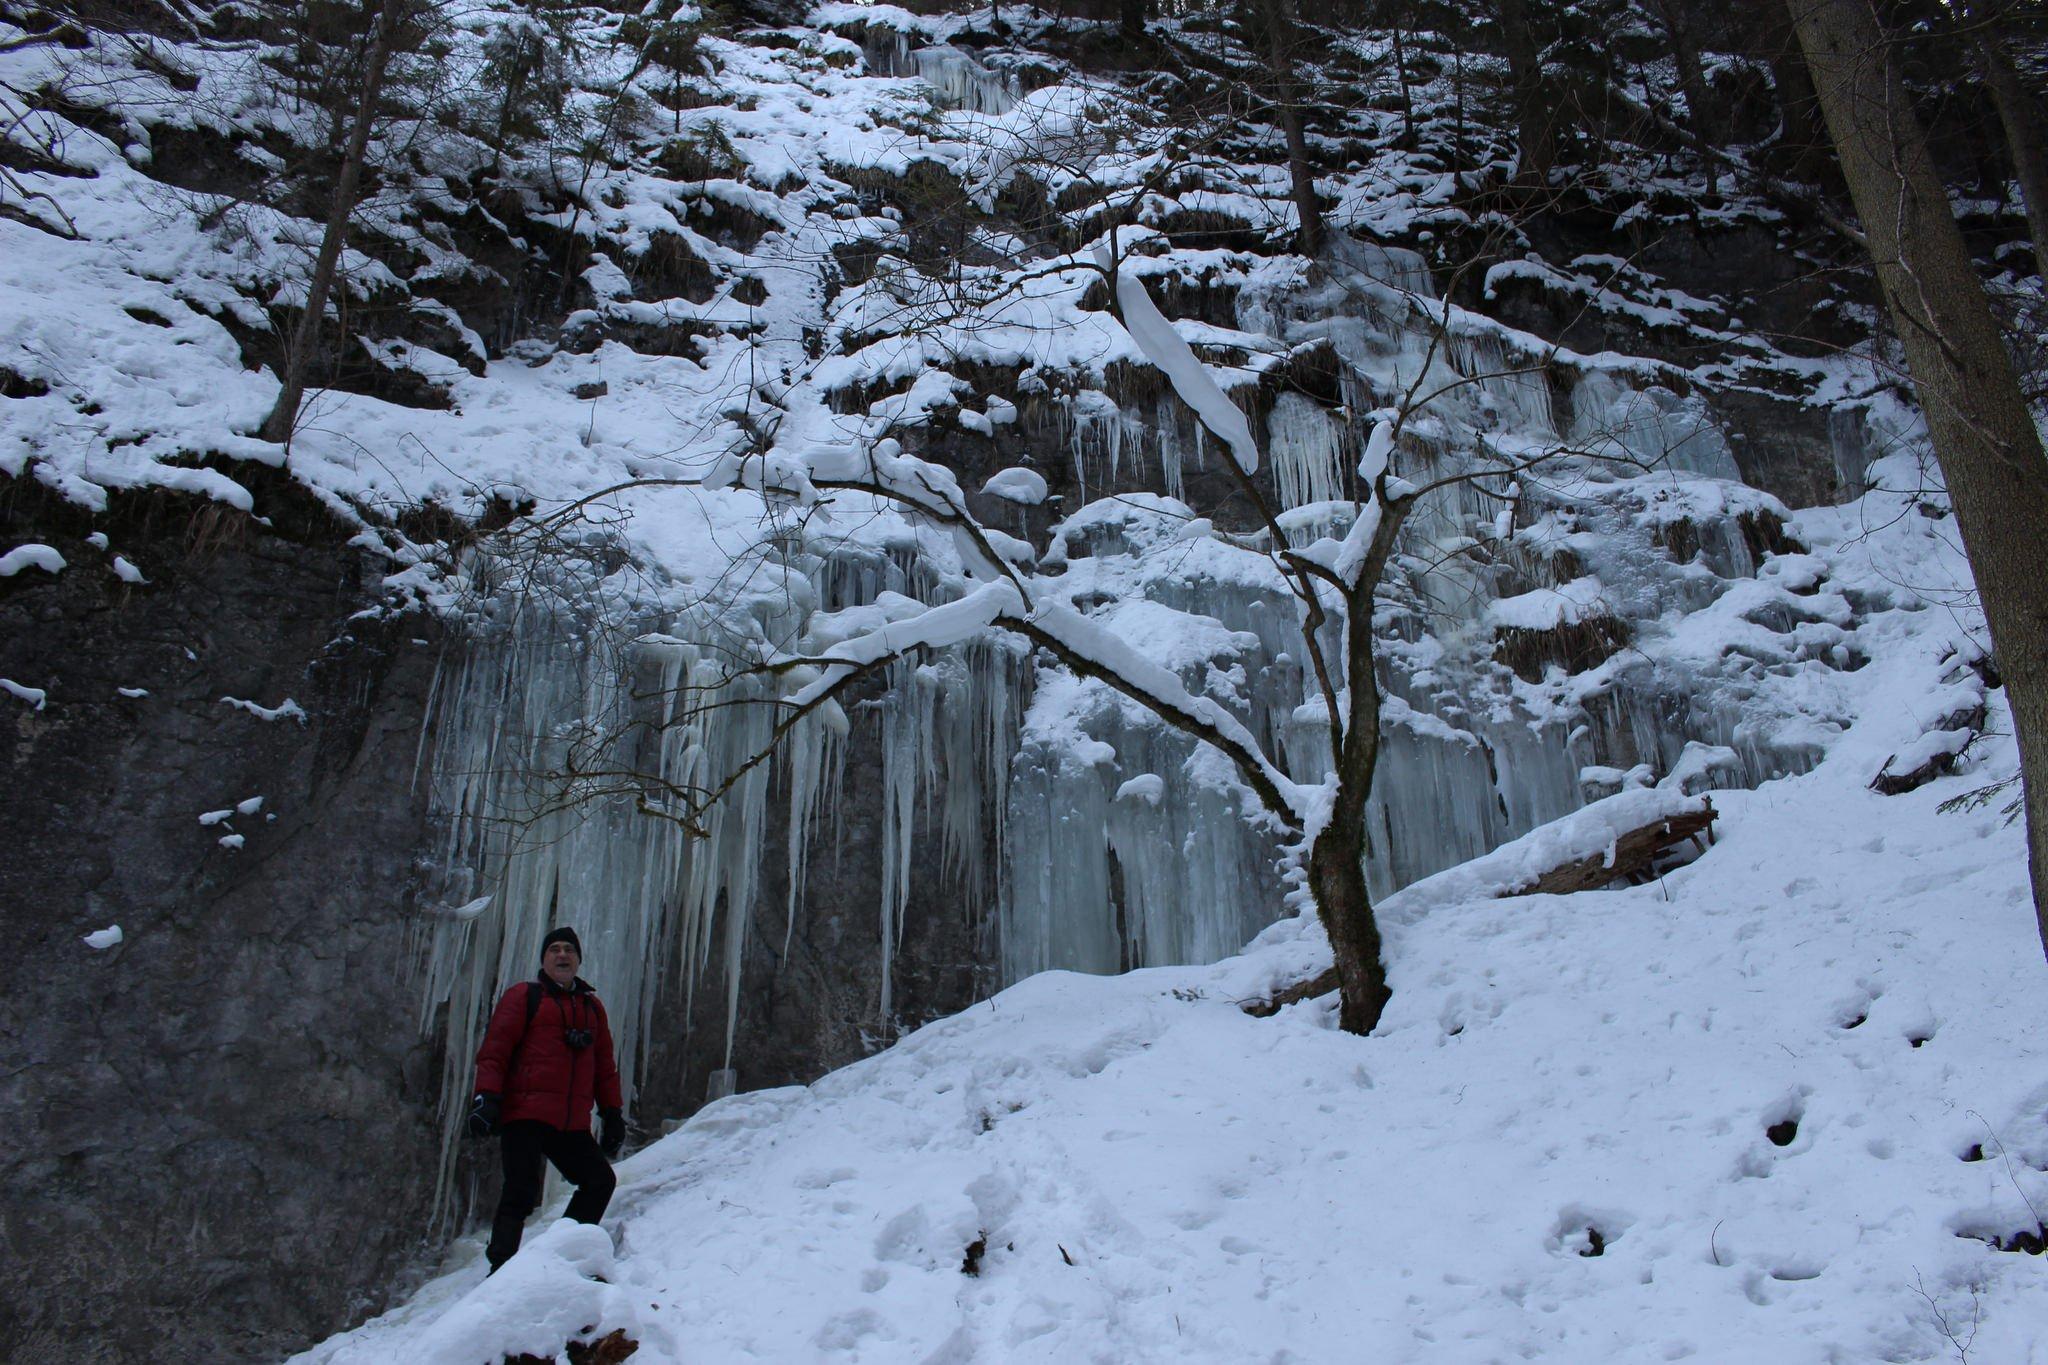 Suchá Belá gorge, winter hiking trip, Košice region, Slovakia – 5